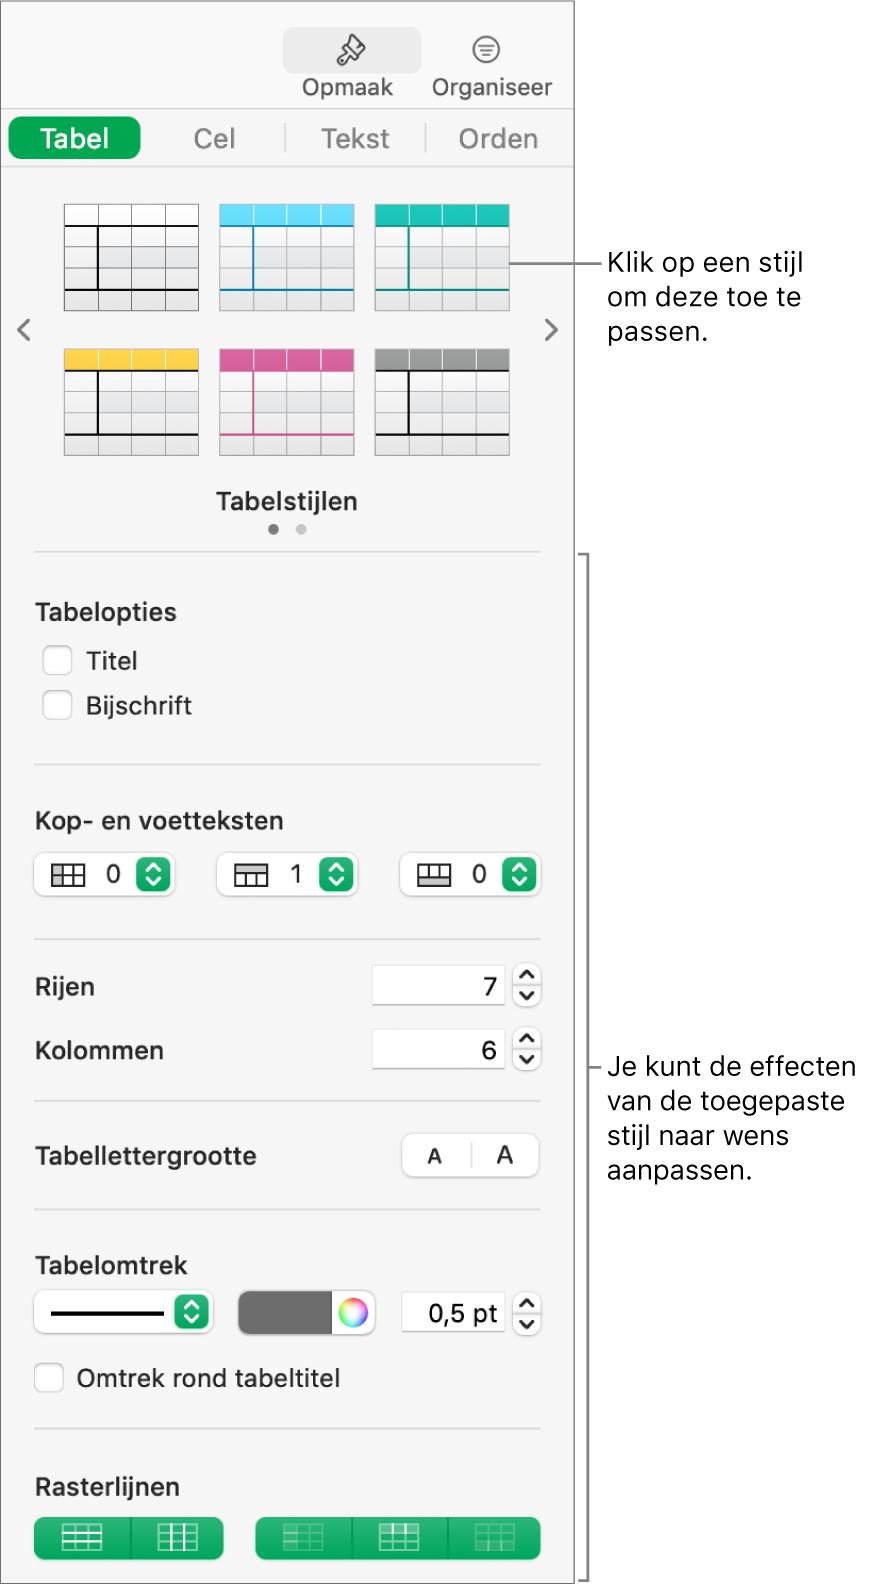 De navigatiekolom 'Opmaak' met tabelstijlen en opmaakopties.